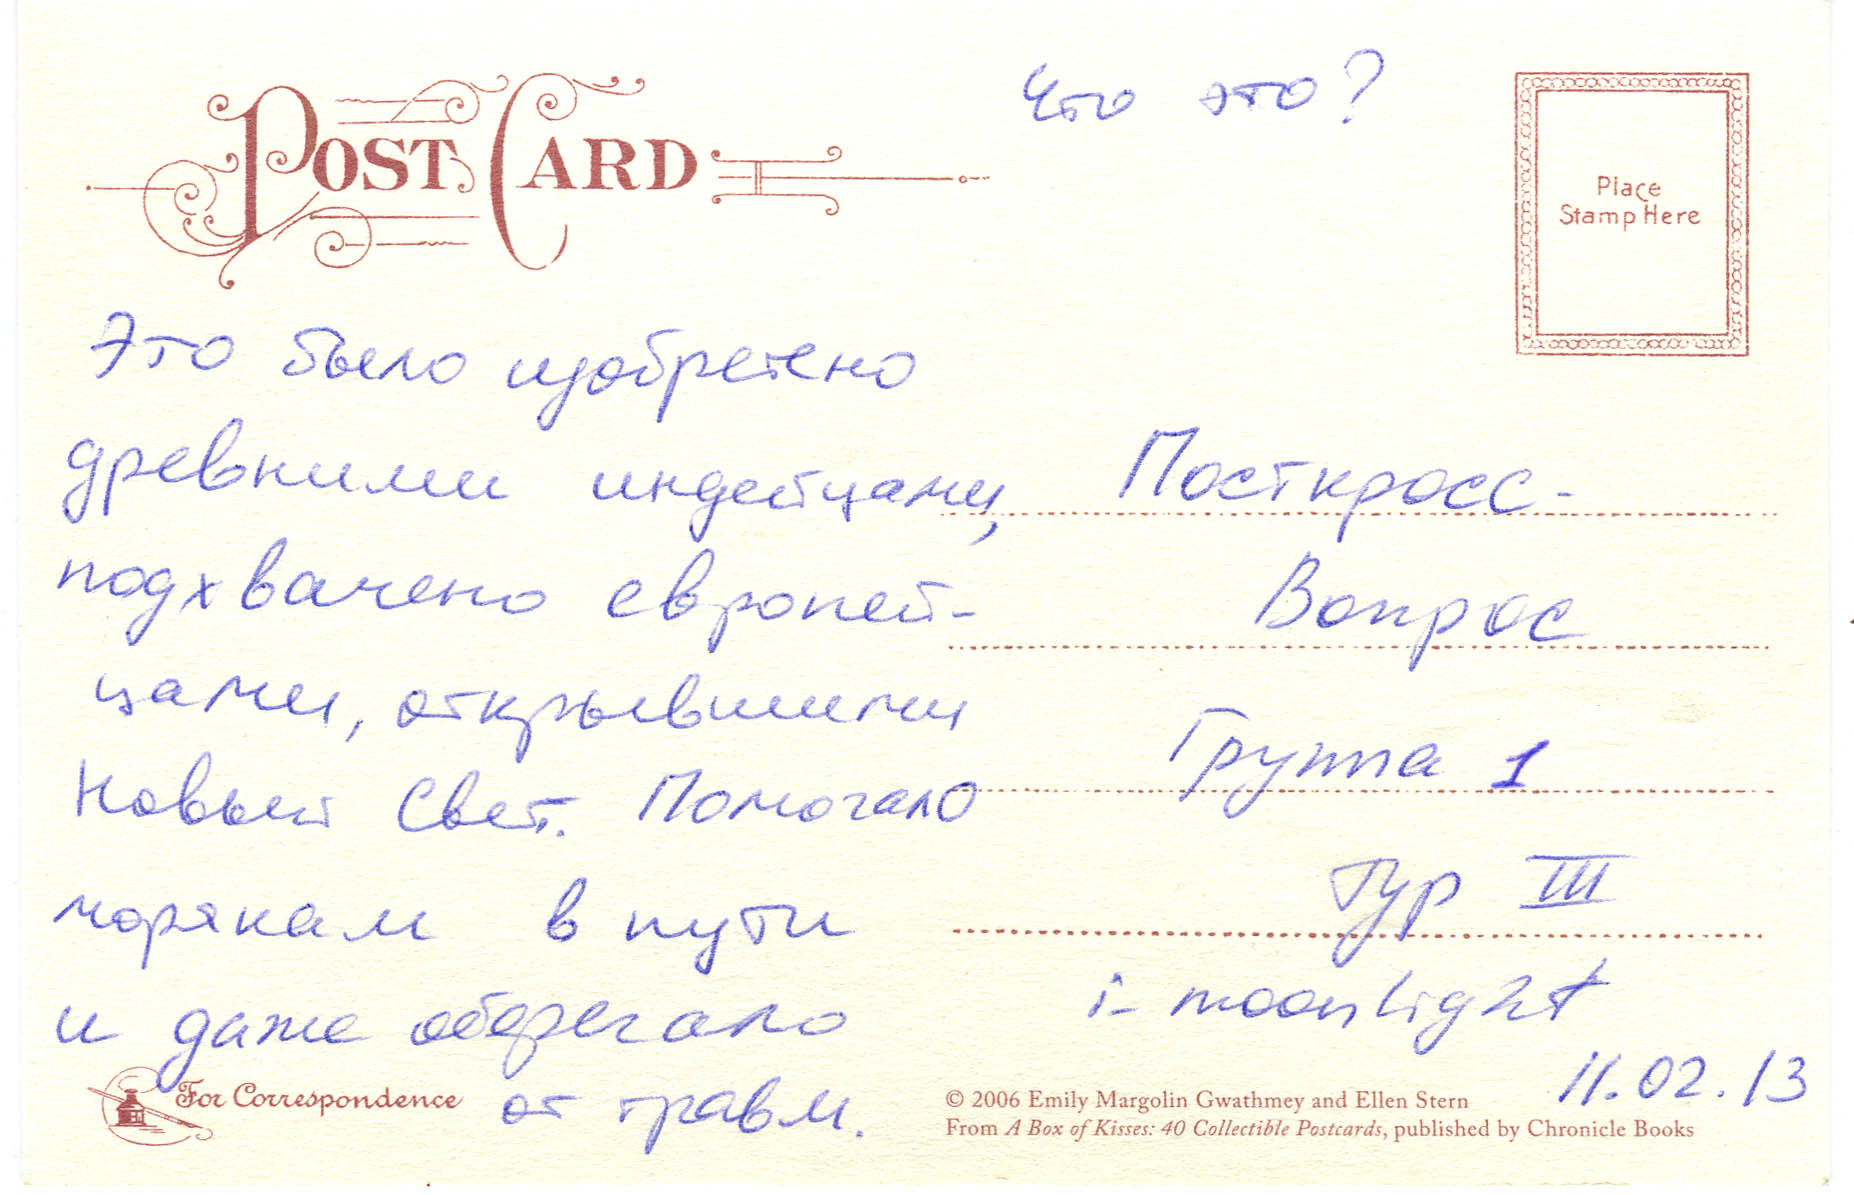 посткросс-вопрос от Влады (Маше)